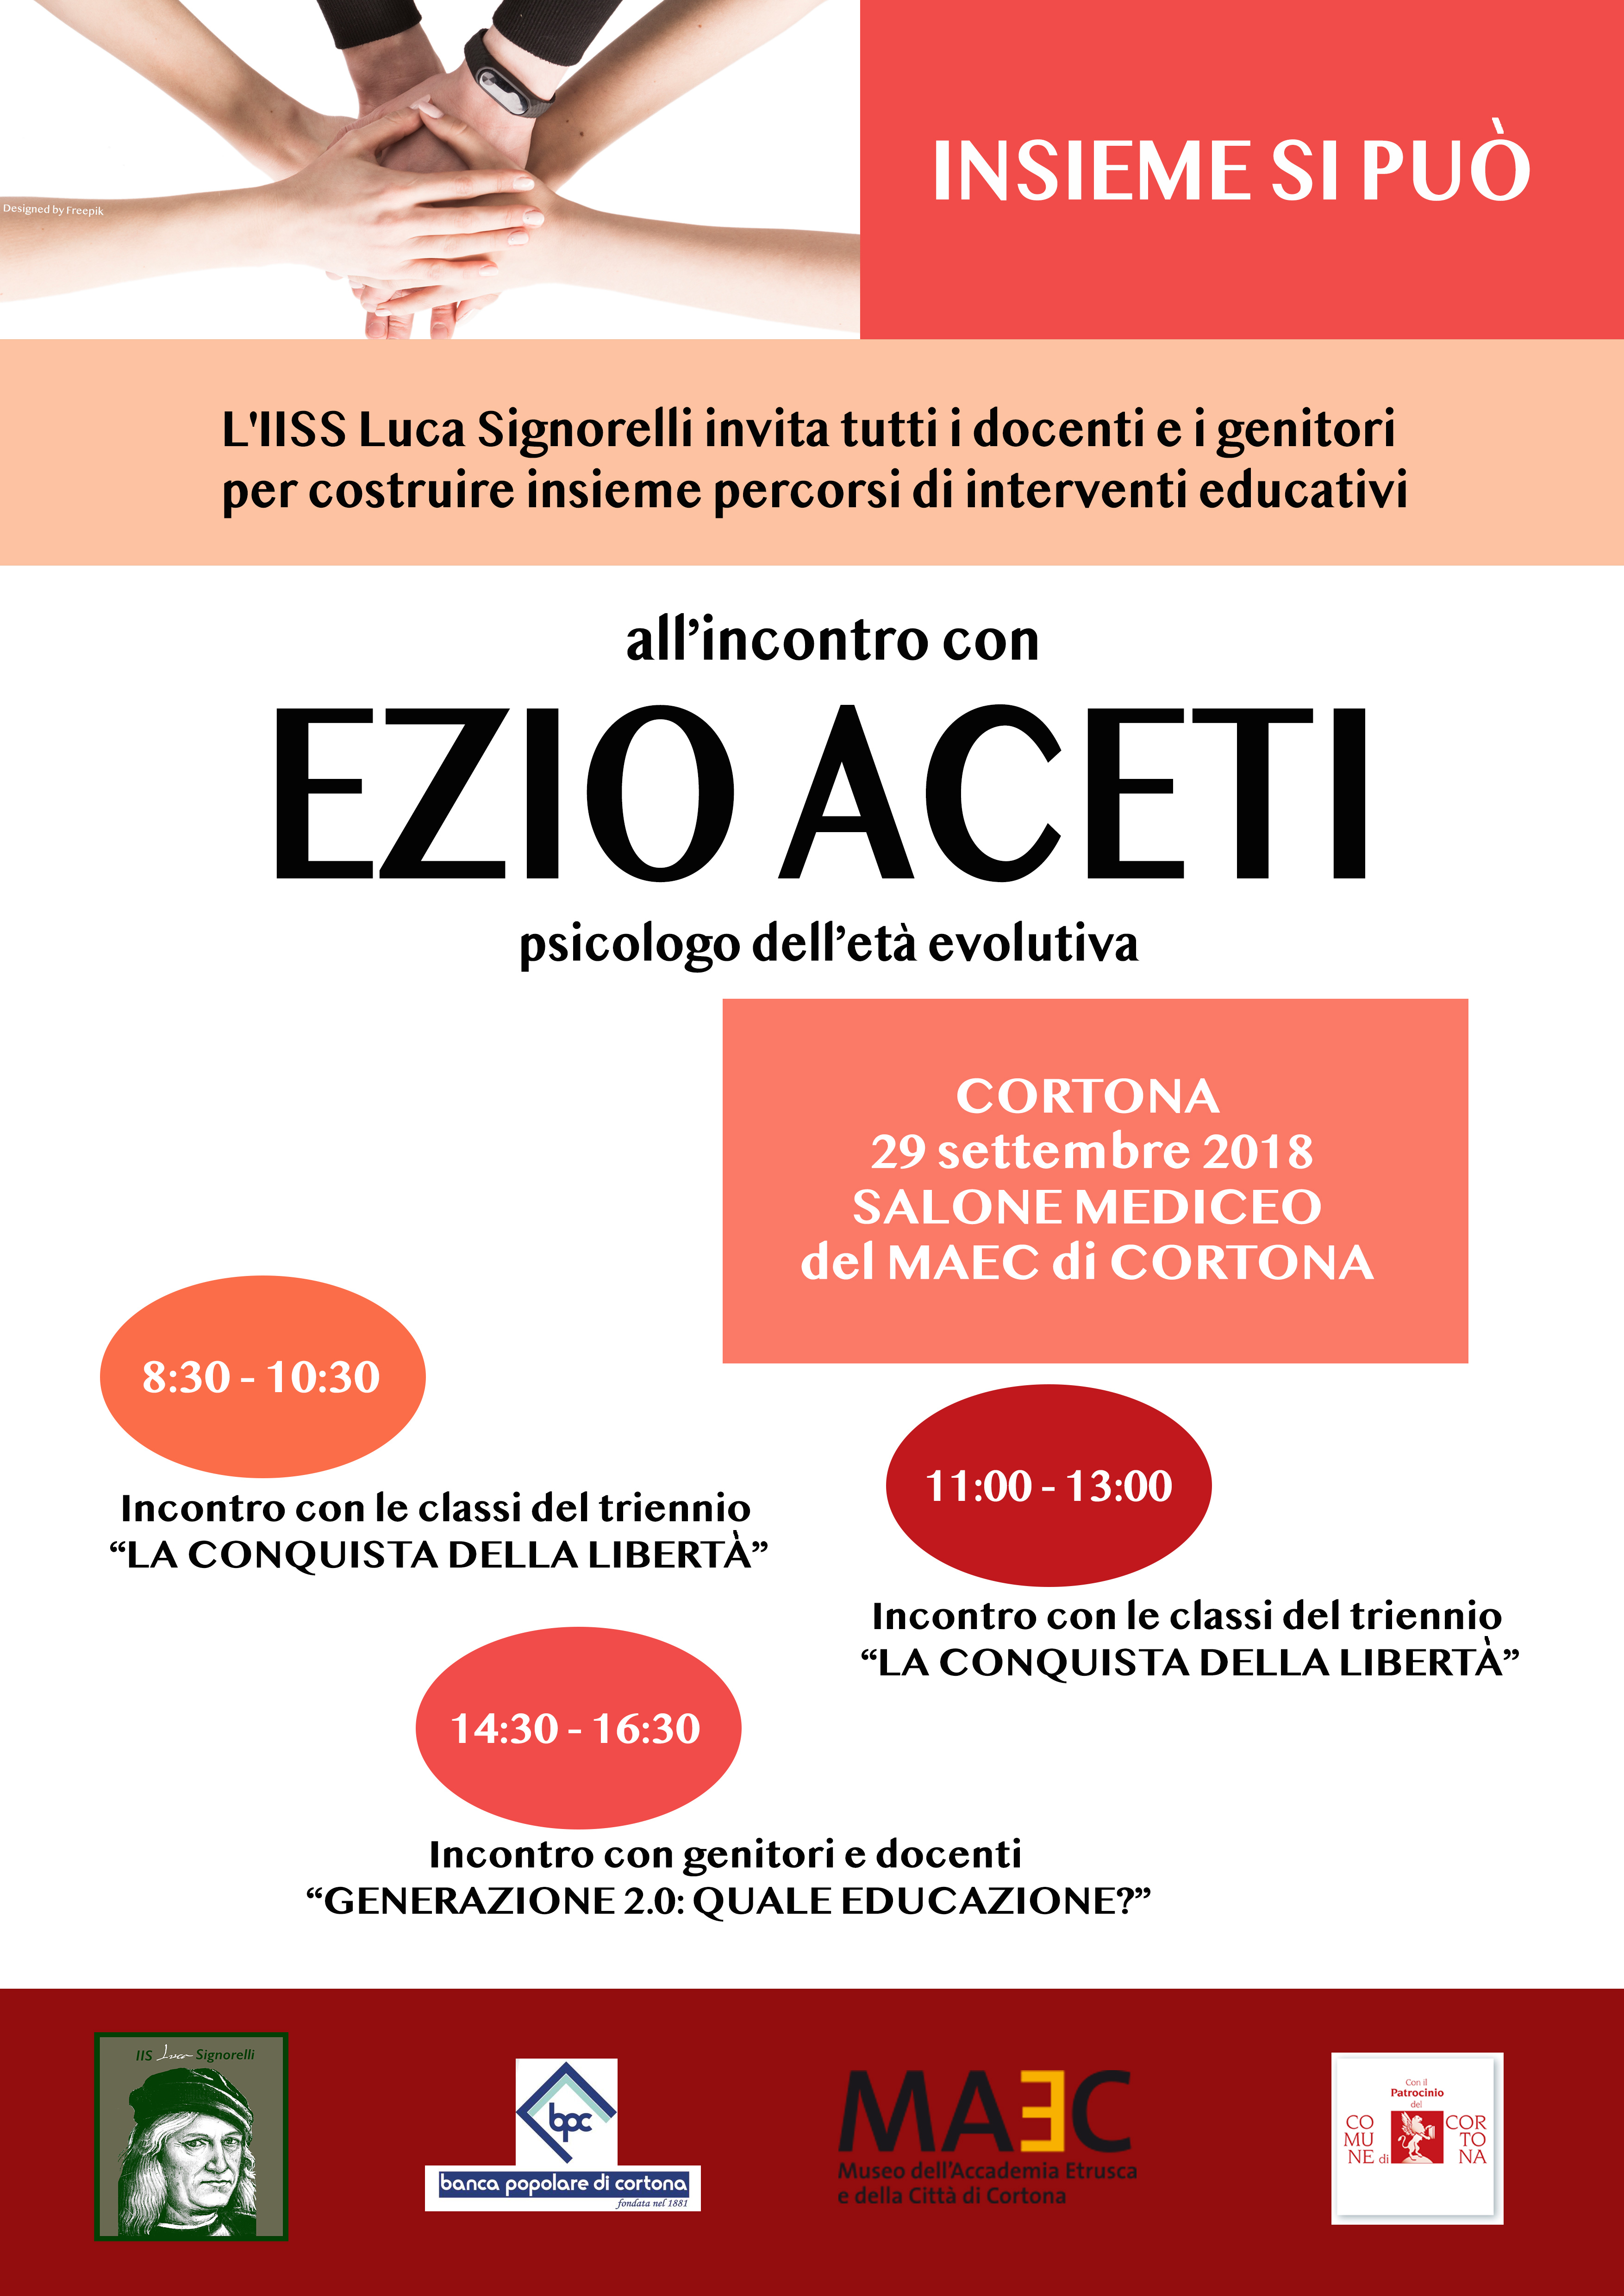 Incontro con lo psicologo Ezio Aceti